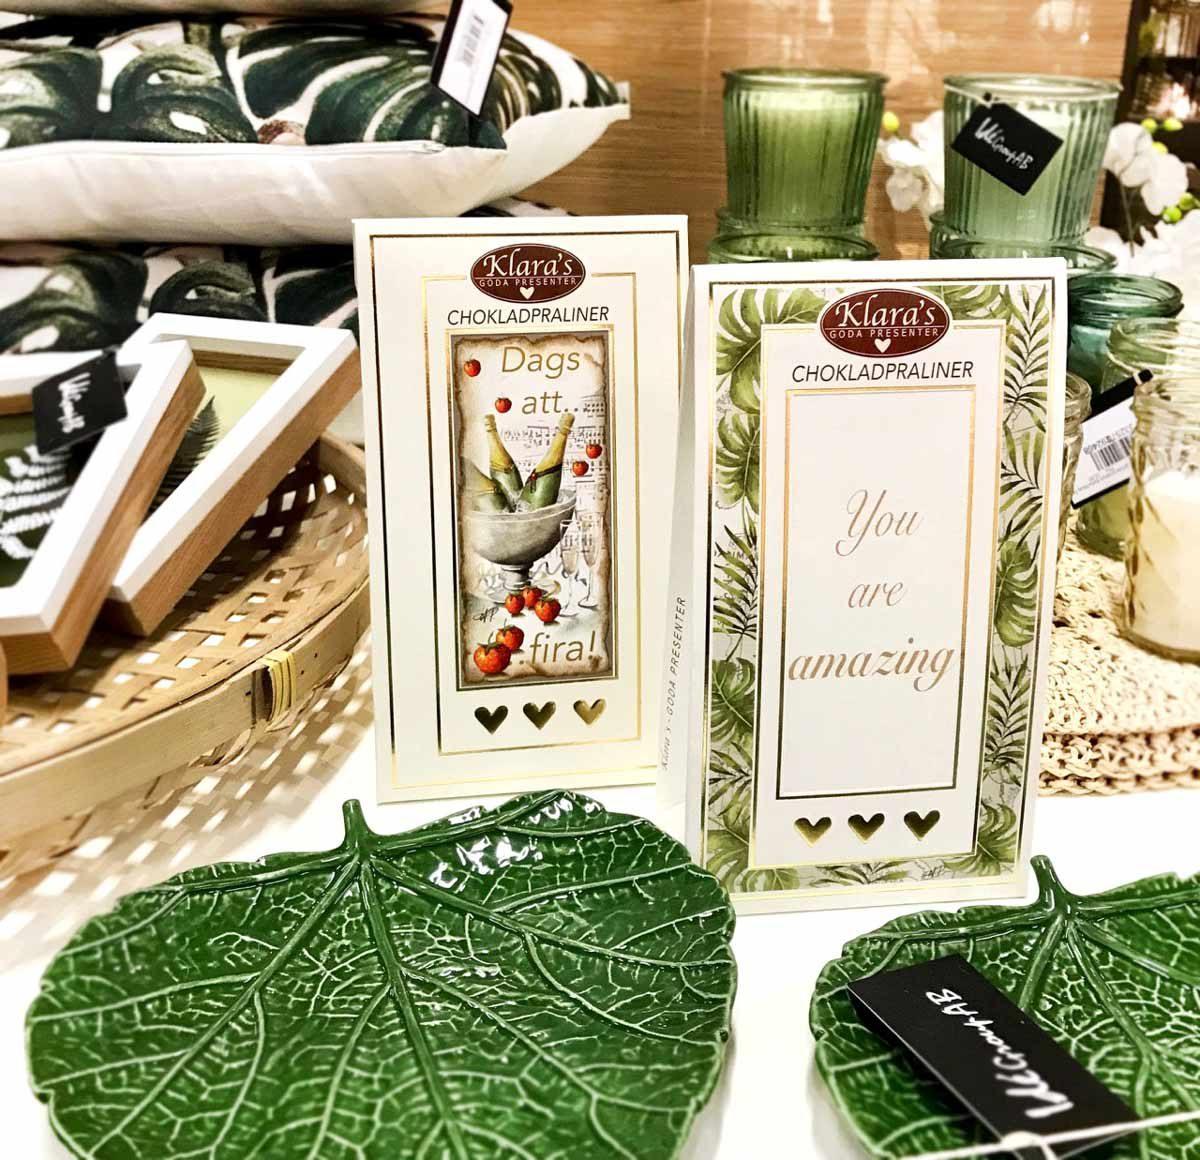 Gröna fat och praliner